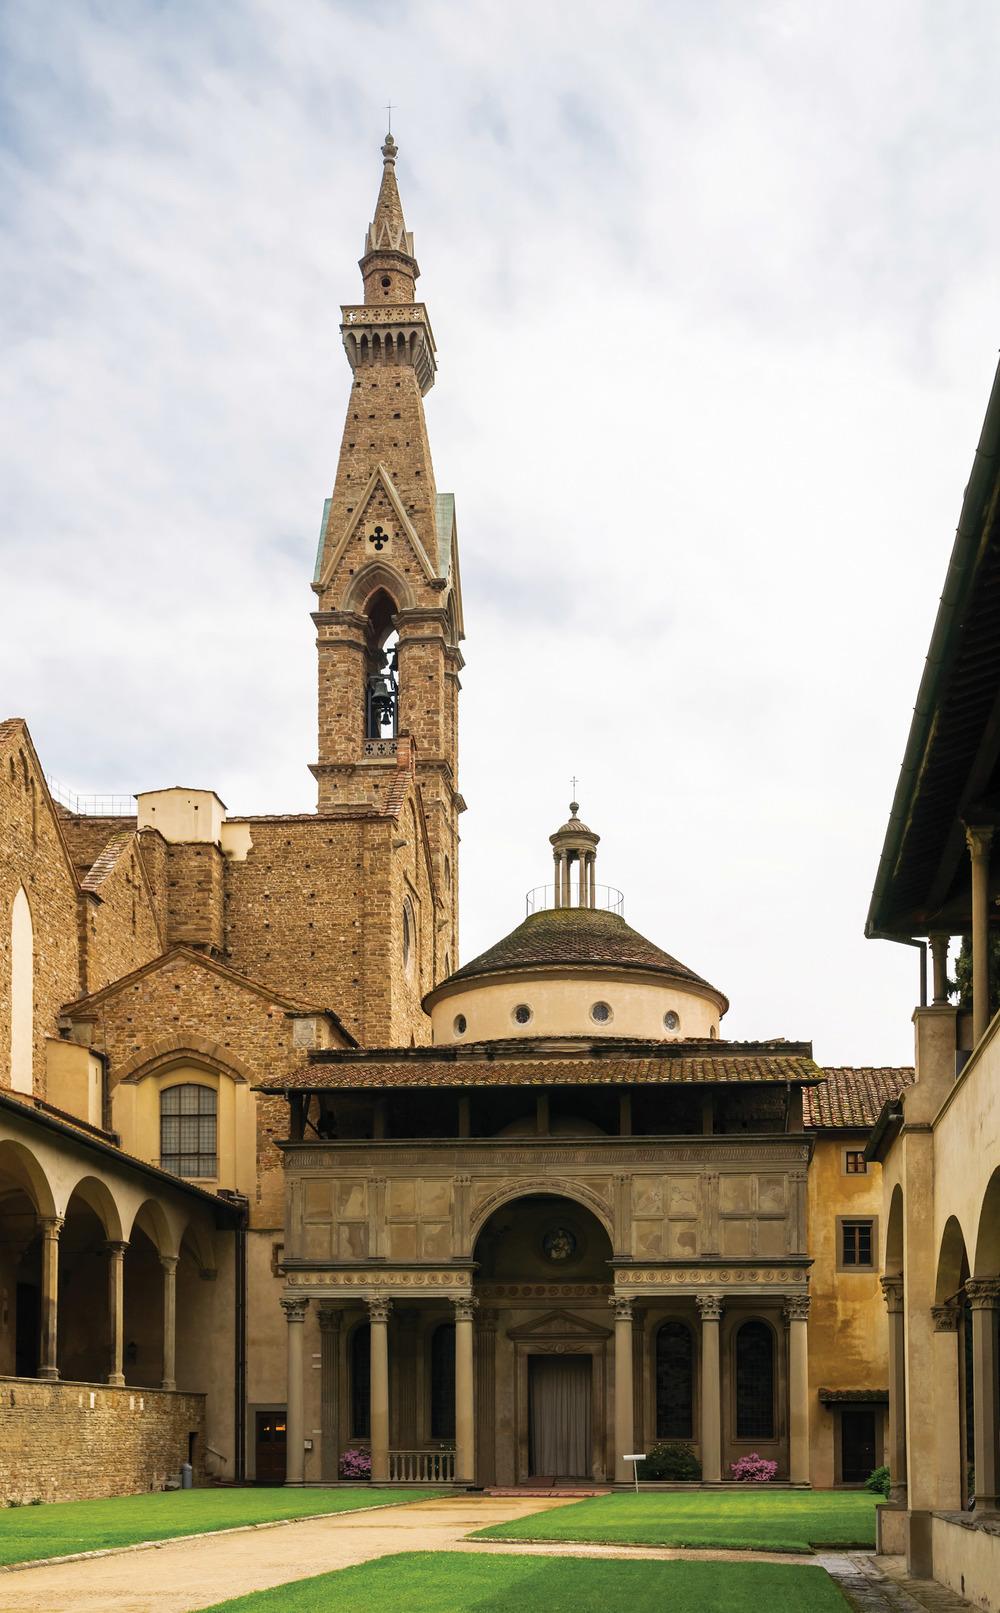 受到文藝復興時期人文主義思想的影響,佛羅倫薩的帕齊禮拜堂更加融入週圍的環境,體現出尊重自然的「天人合一」思想。 (Ralf Siemieniec / Shutterstock.com)